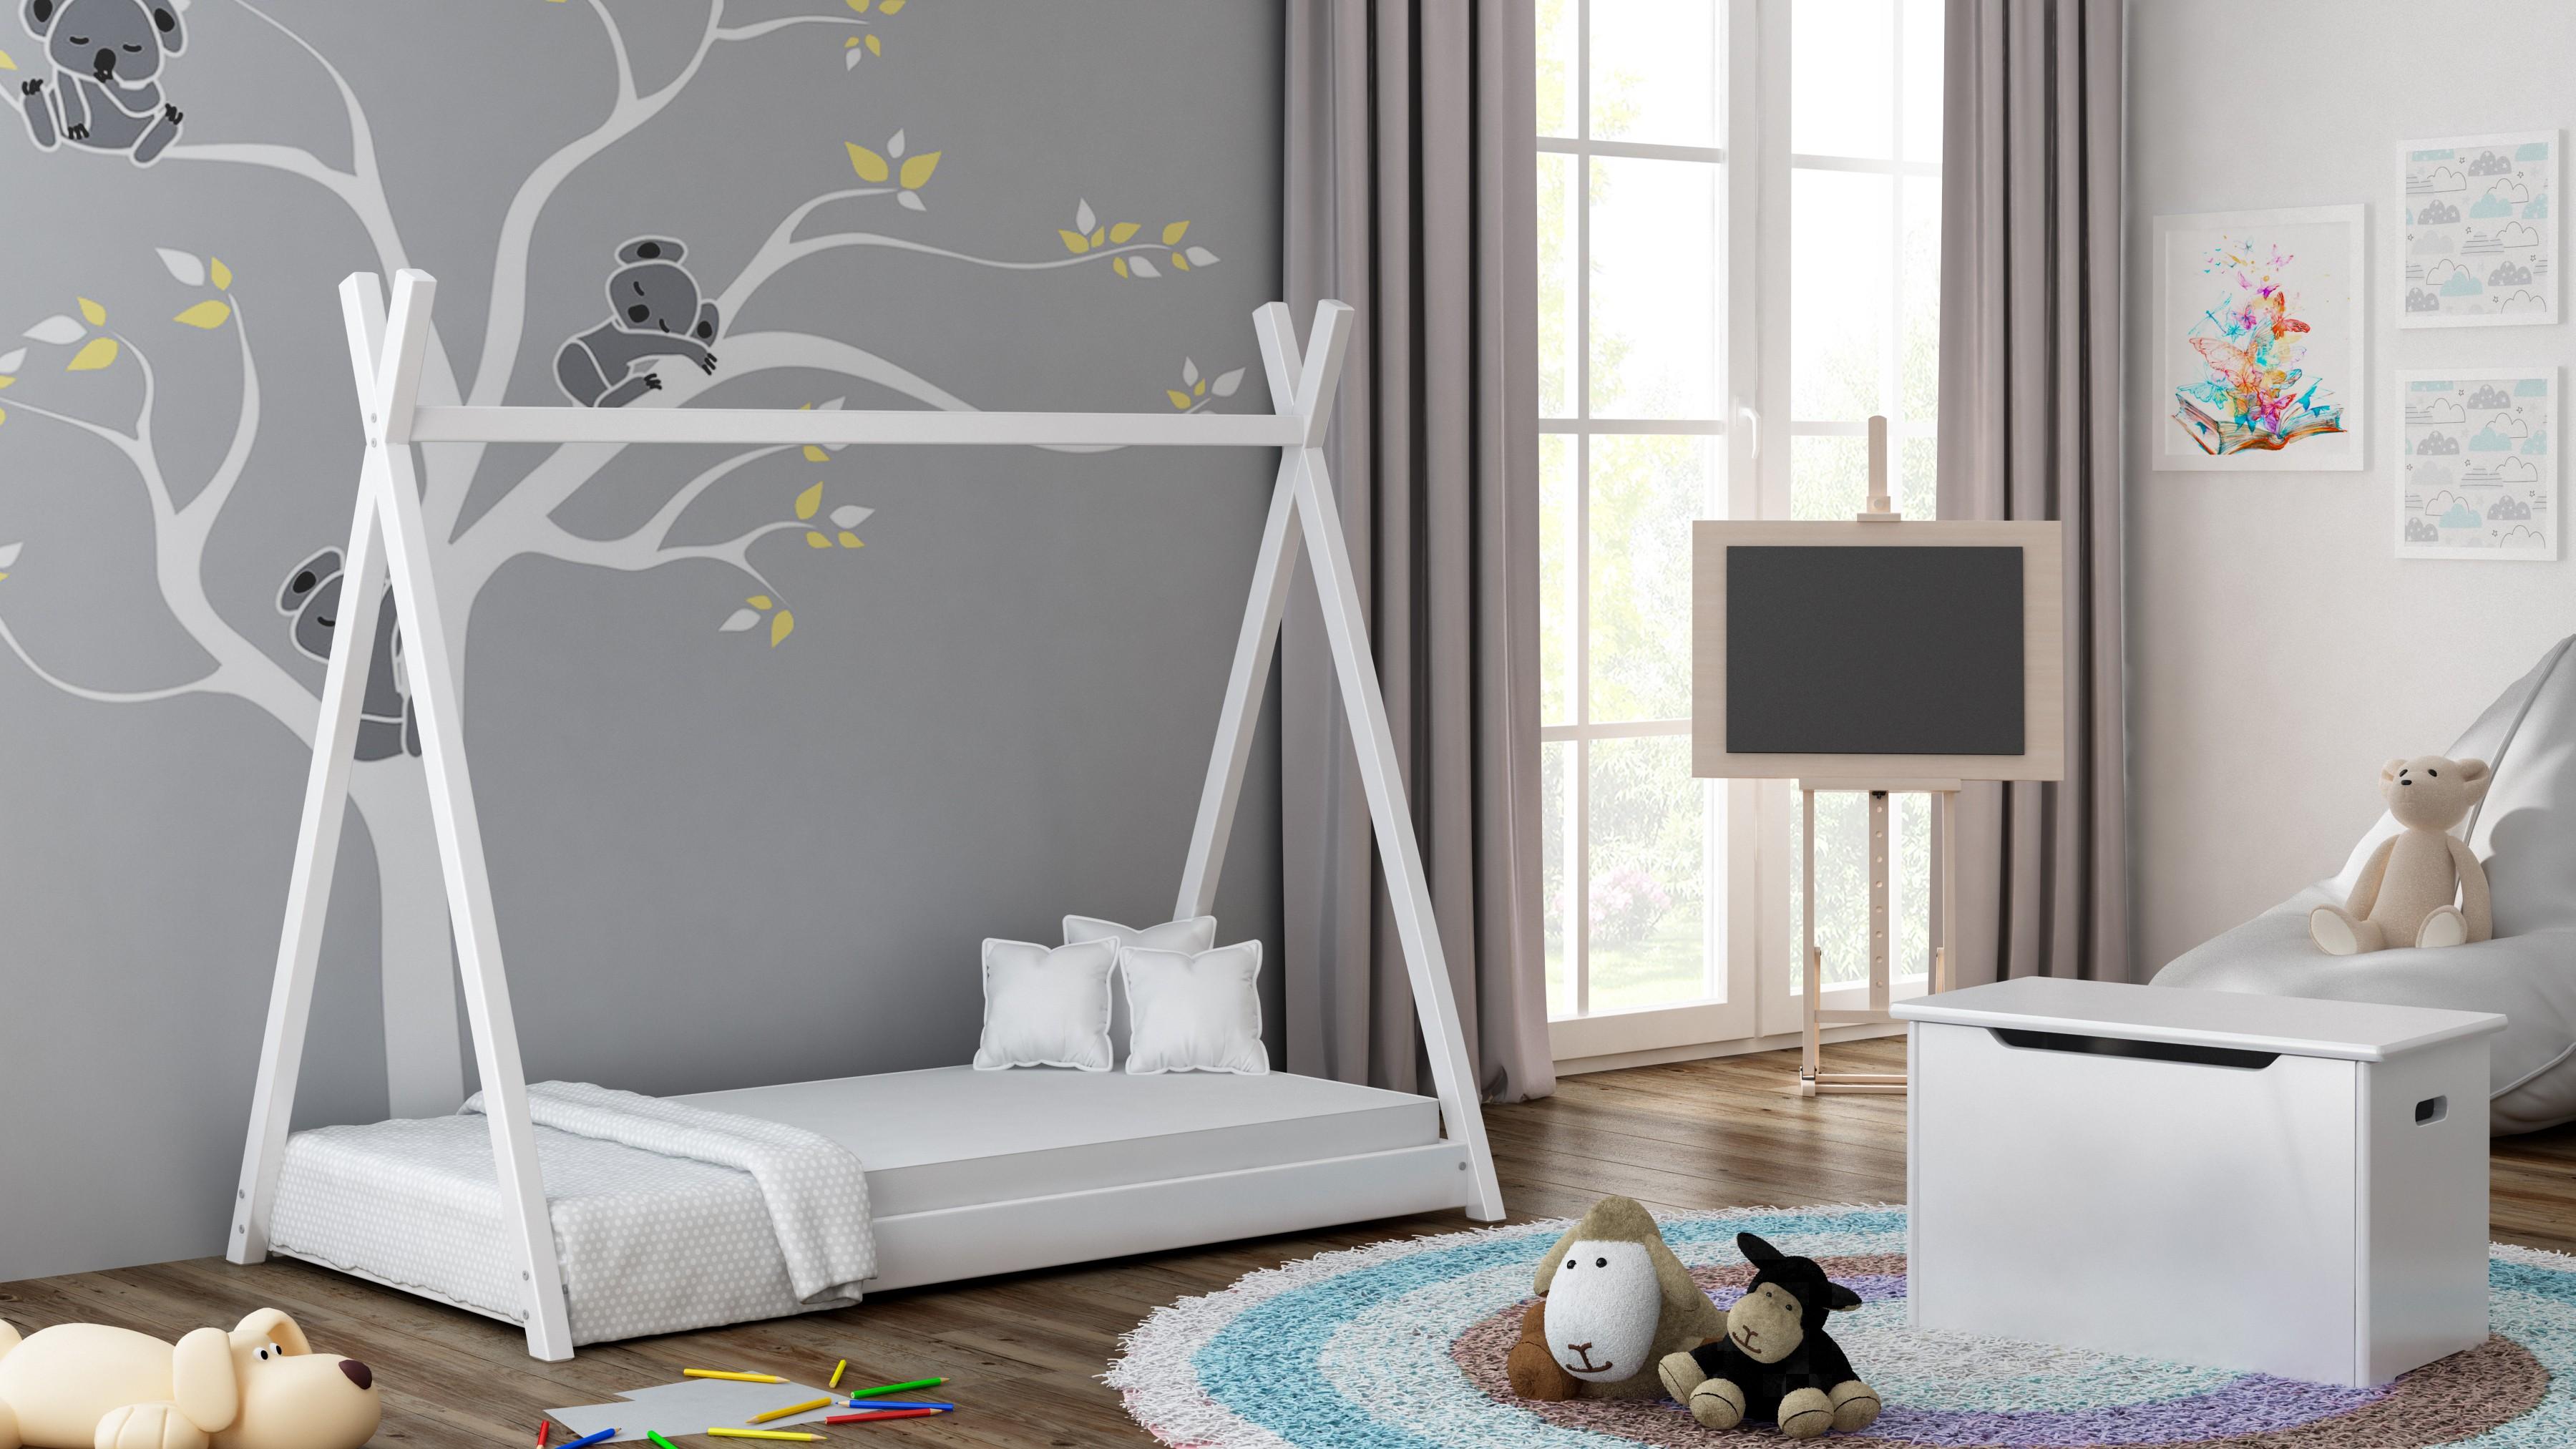 Única cama do dossel-estilo de Titus tepee para miúdos Júnior da criança das crianças